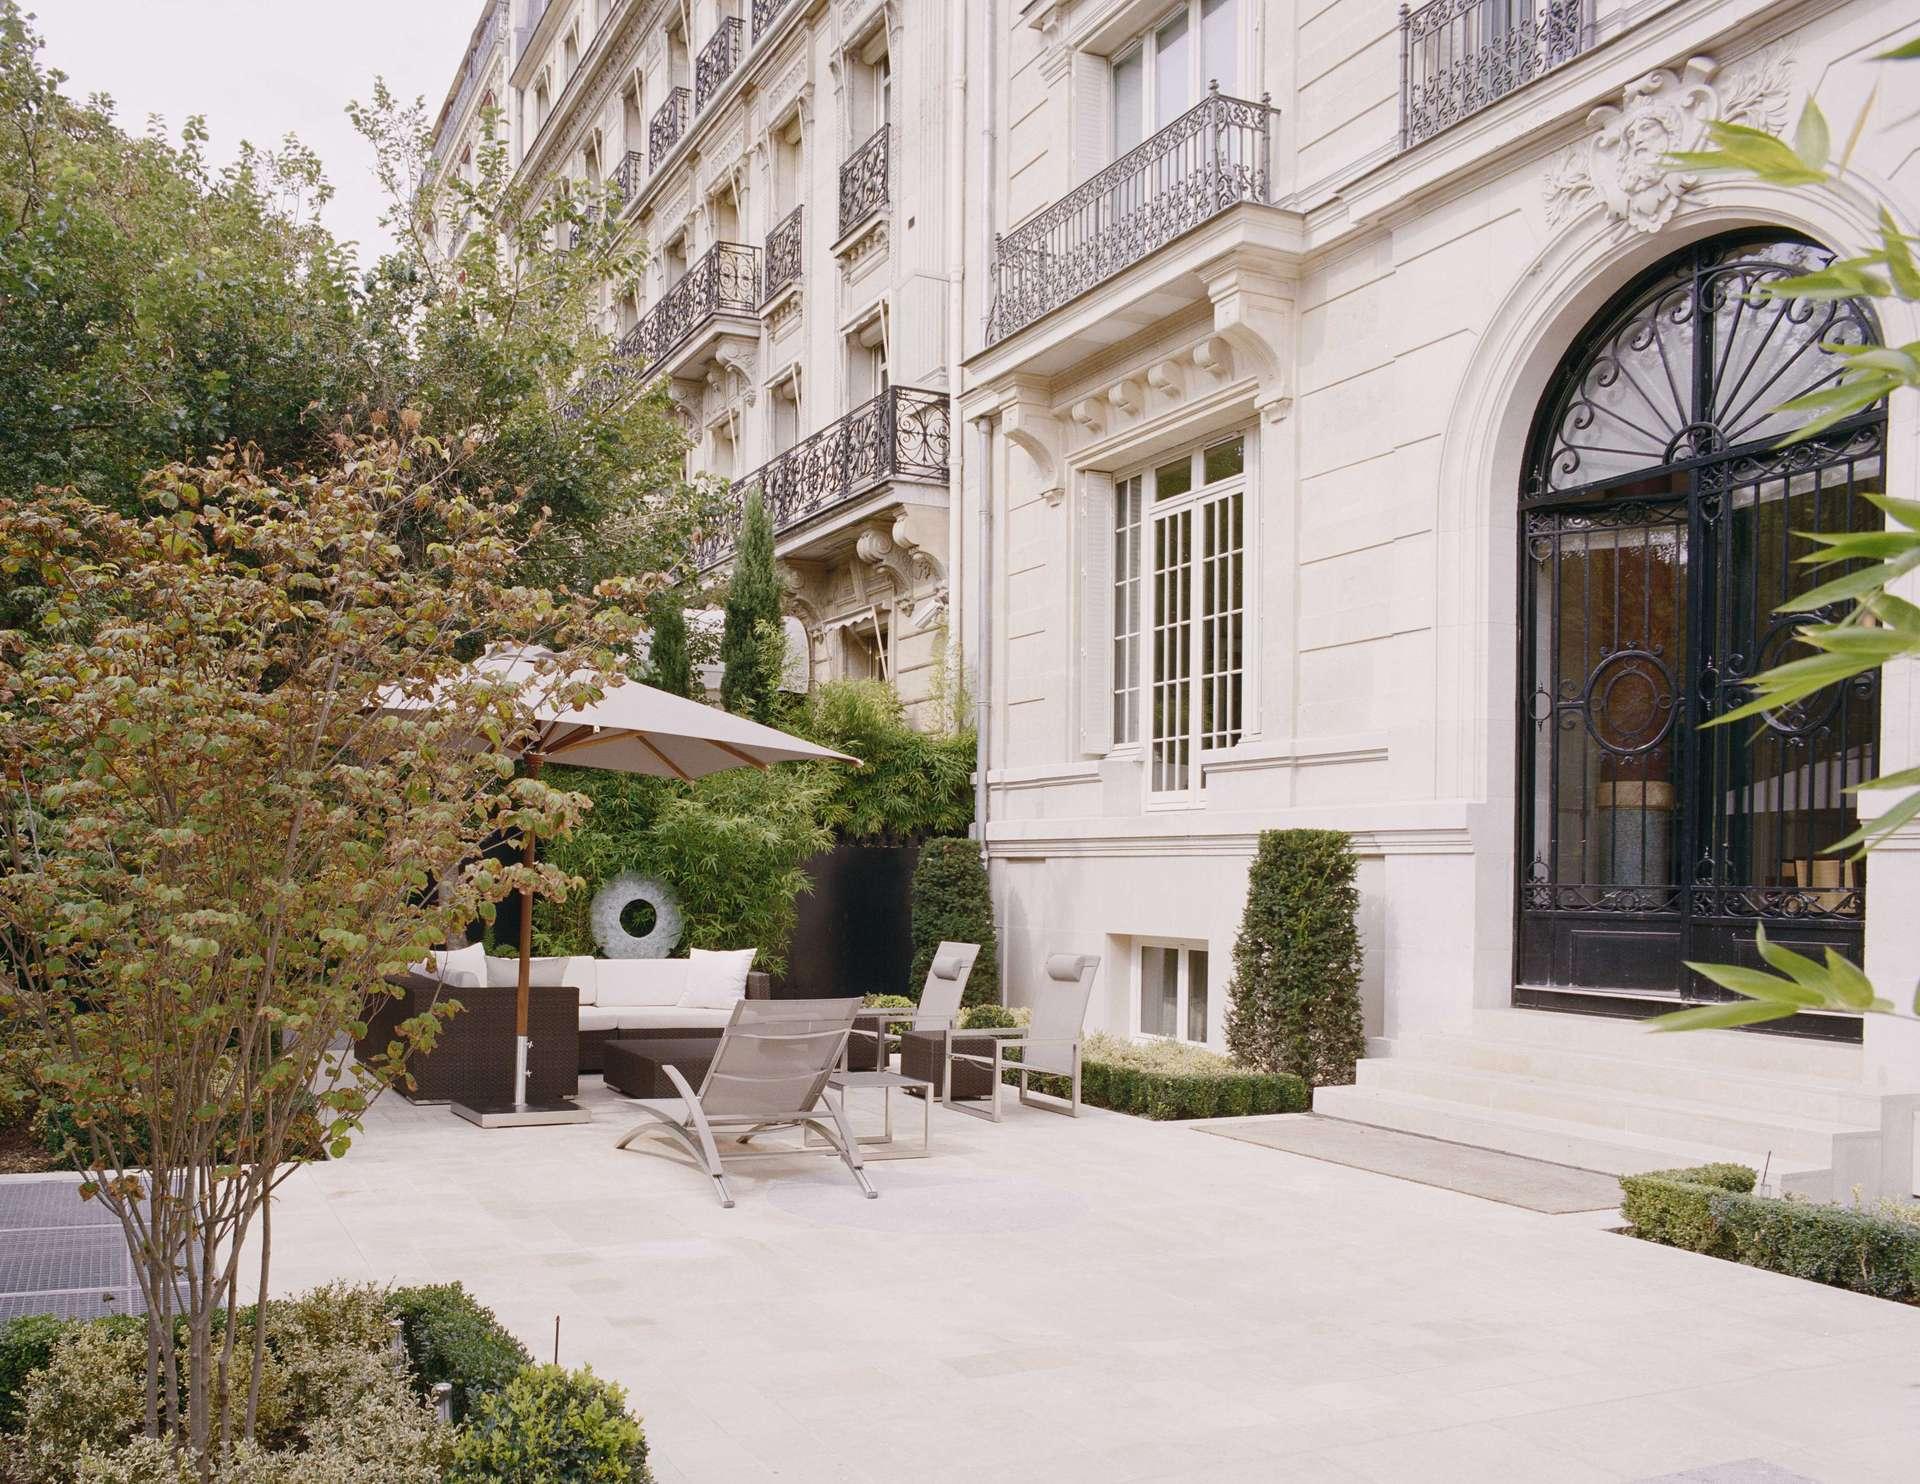 Luxury vacation rentals europe - France - Ile de france paris area - Paris - Garden Triplex 3 - Image 1/17